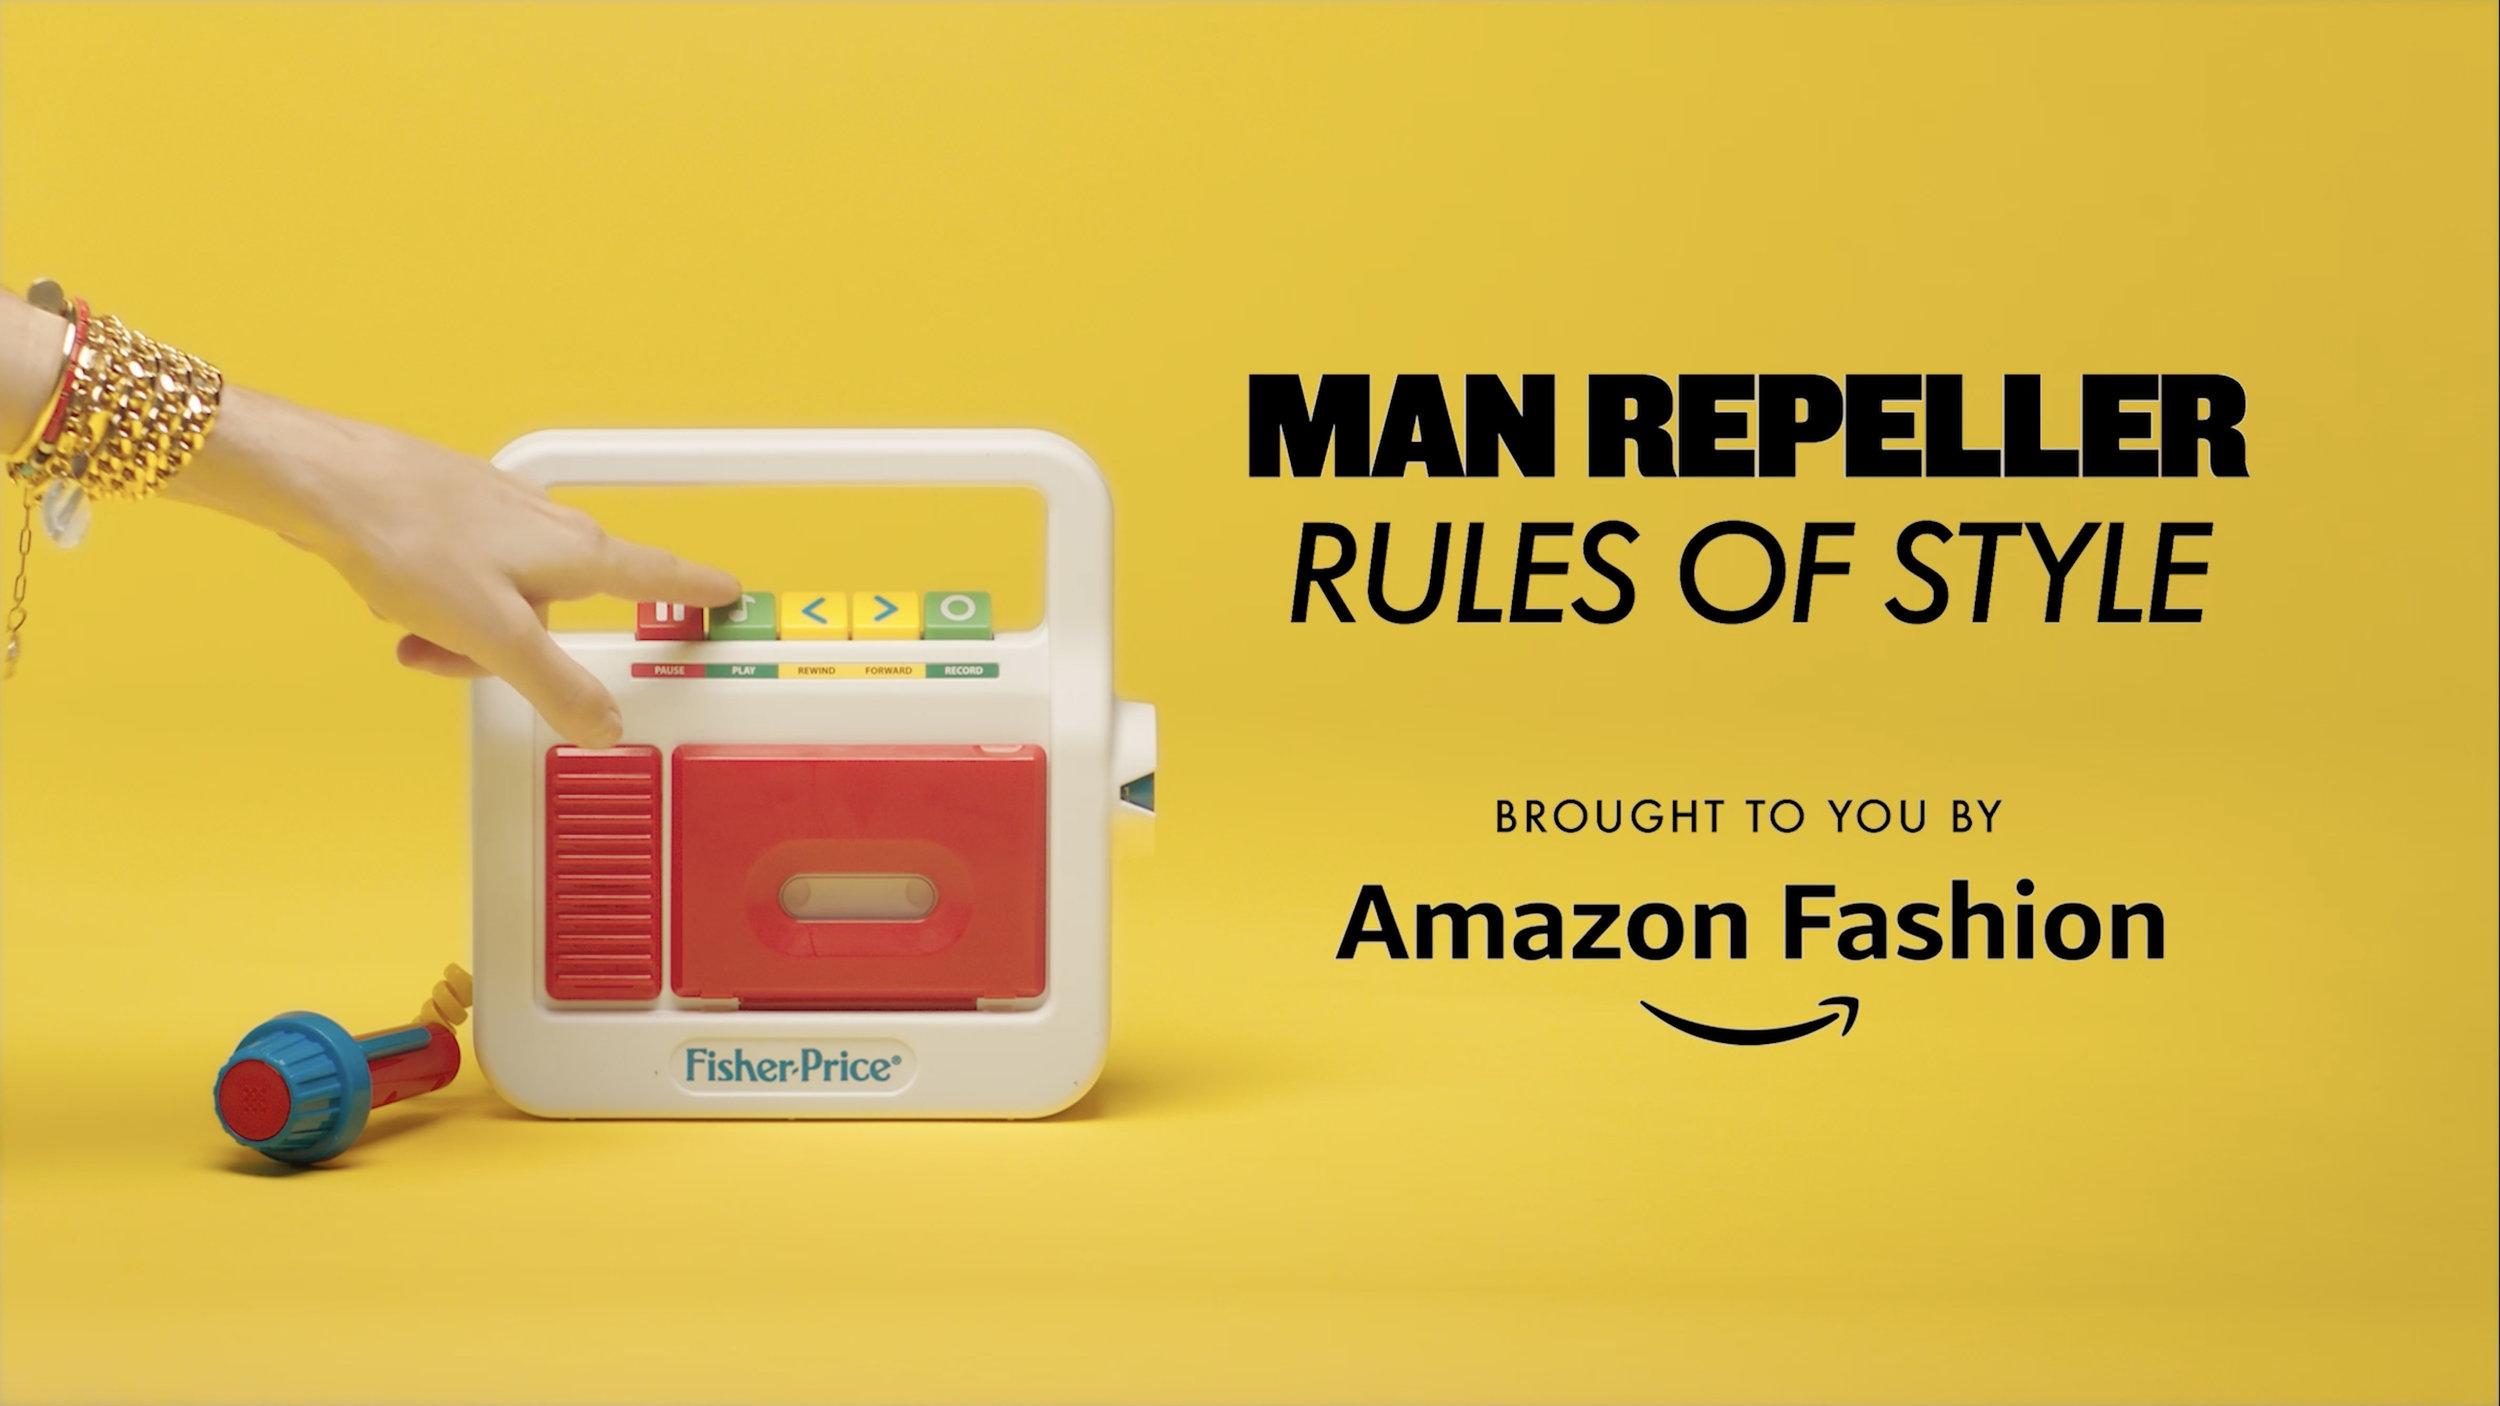 AMAZON FASHION | MAN REPELLER ADVERTORIAL